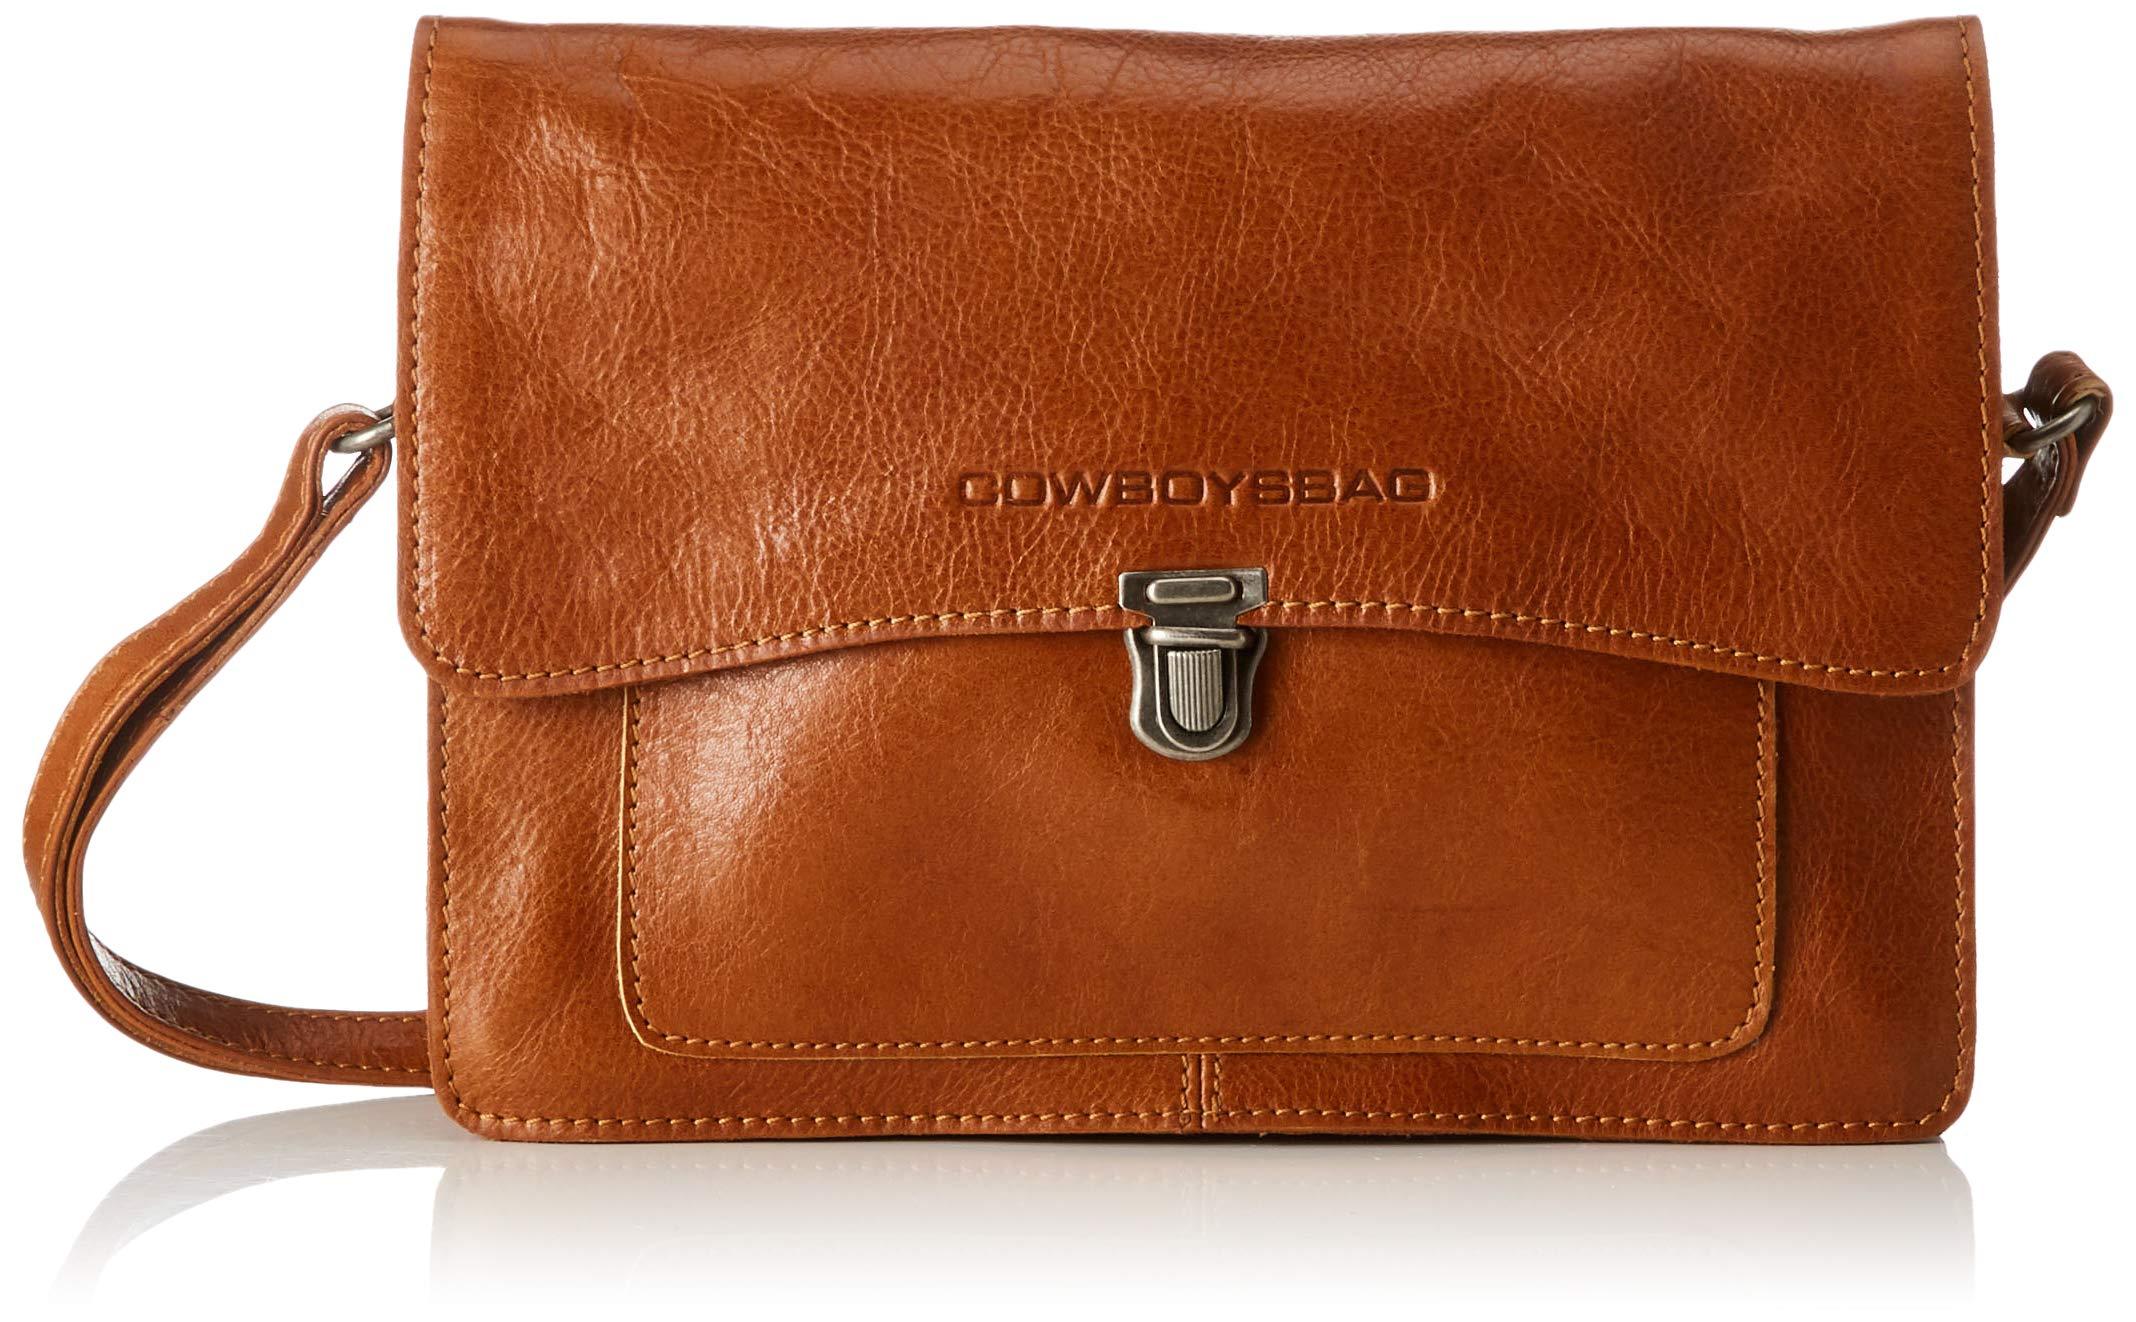 FemmeMarron000380Juicy Cmb Cowboysbag NoyanSacs Bandoulière X H Tan8x16x27 Bag T uZPiTOkX